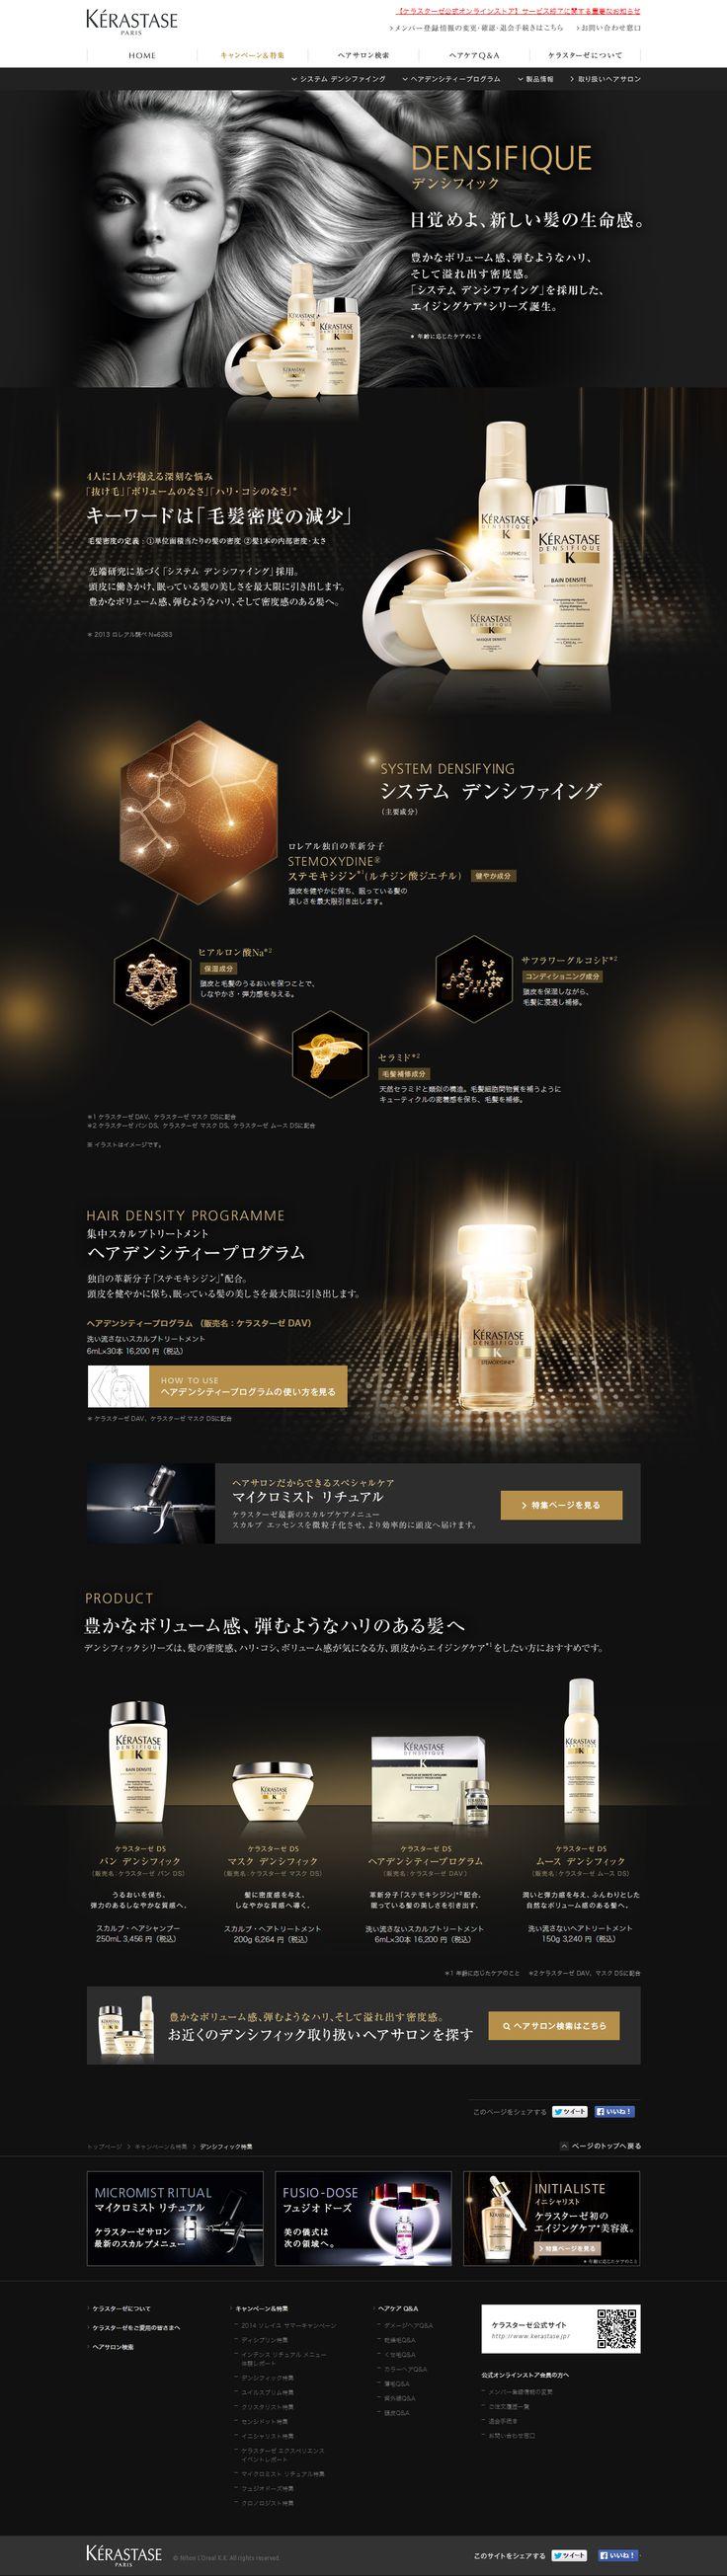 エイジングケアシリーズ 「デンシフィック」| ヘアケアのケラスターゼ公式サイト